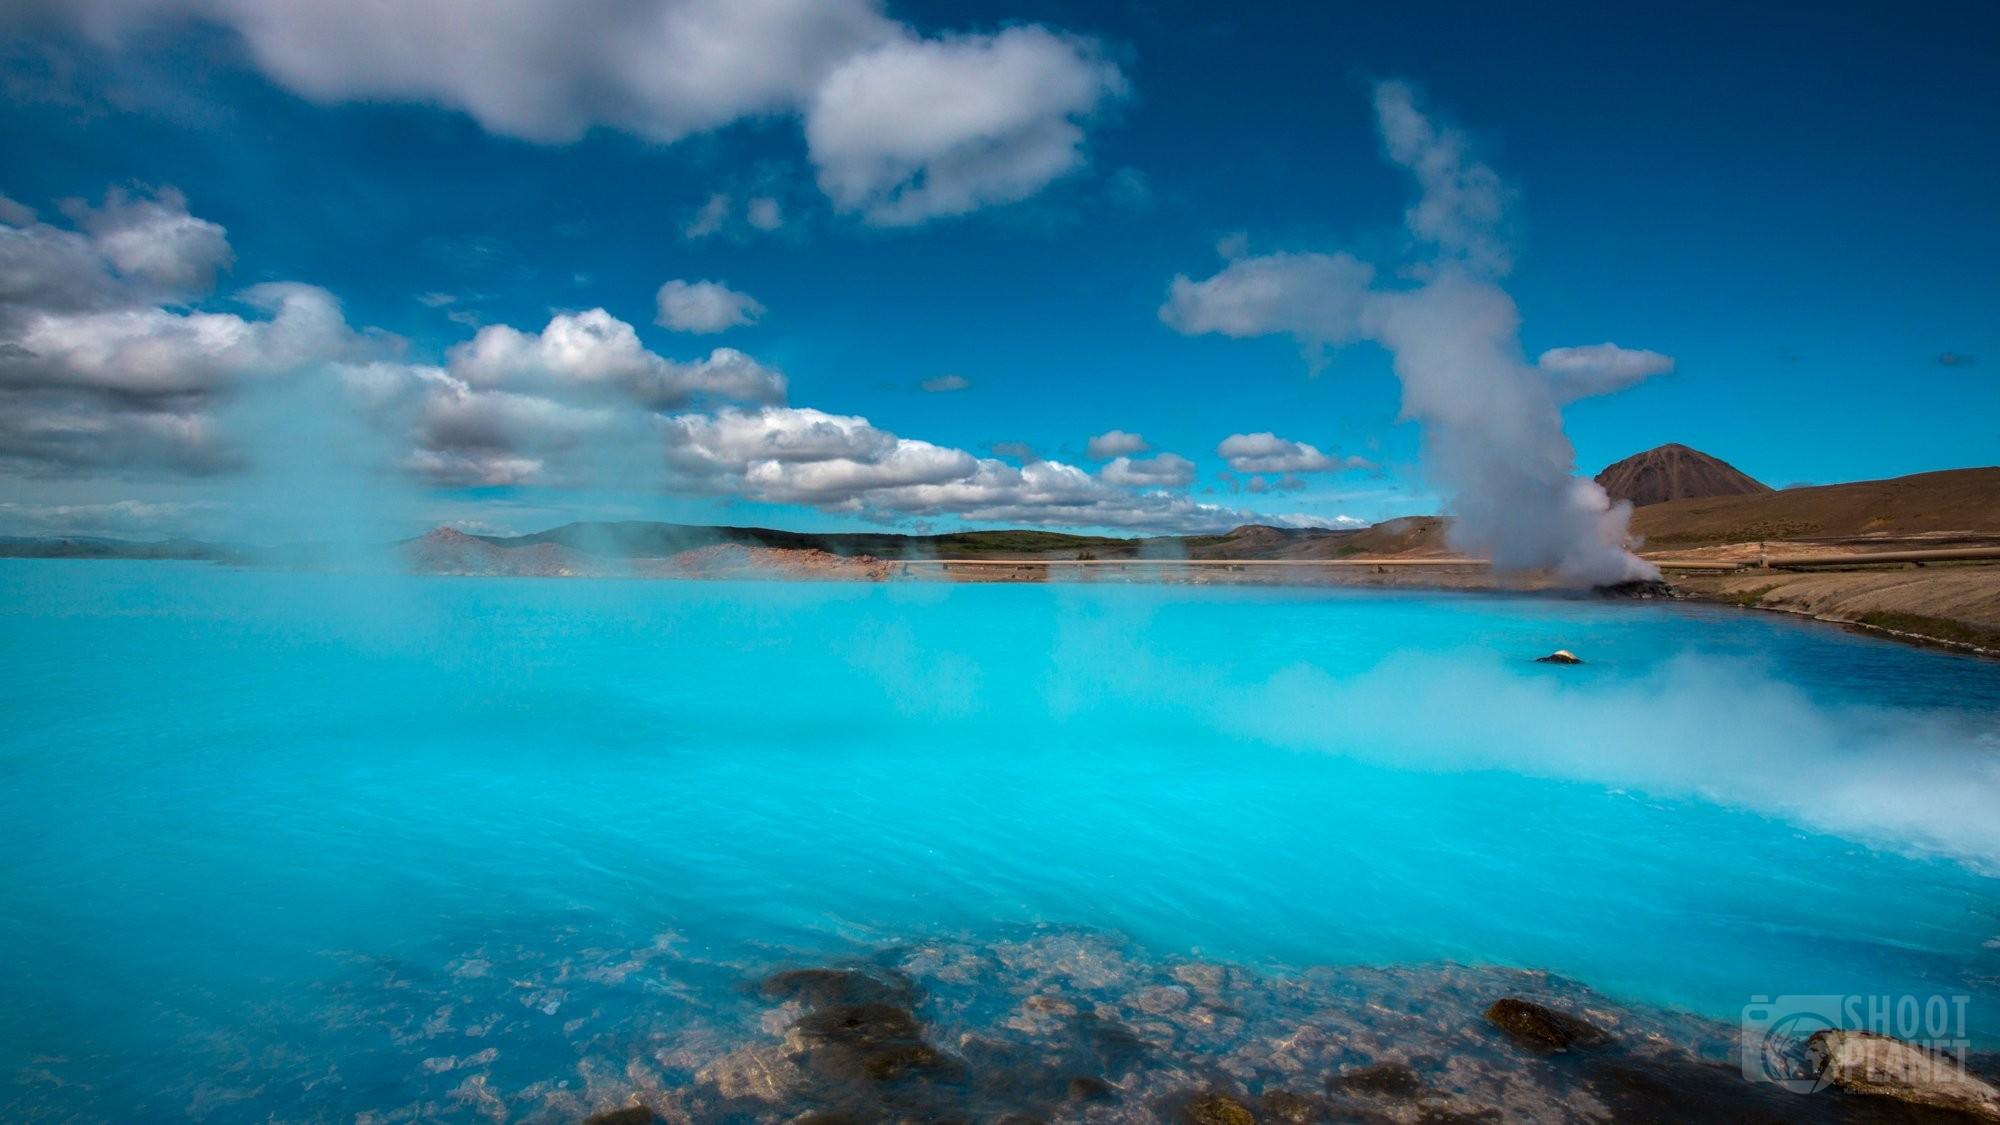 Hot turquoise Myvatn lake in Iceland